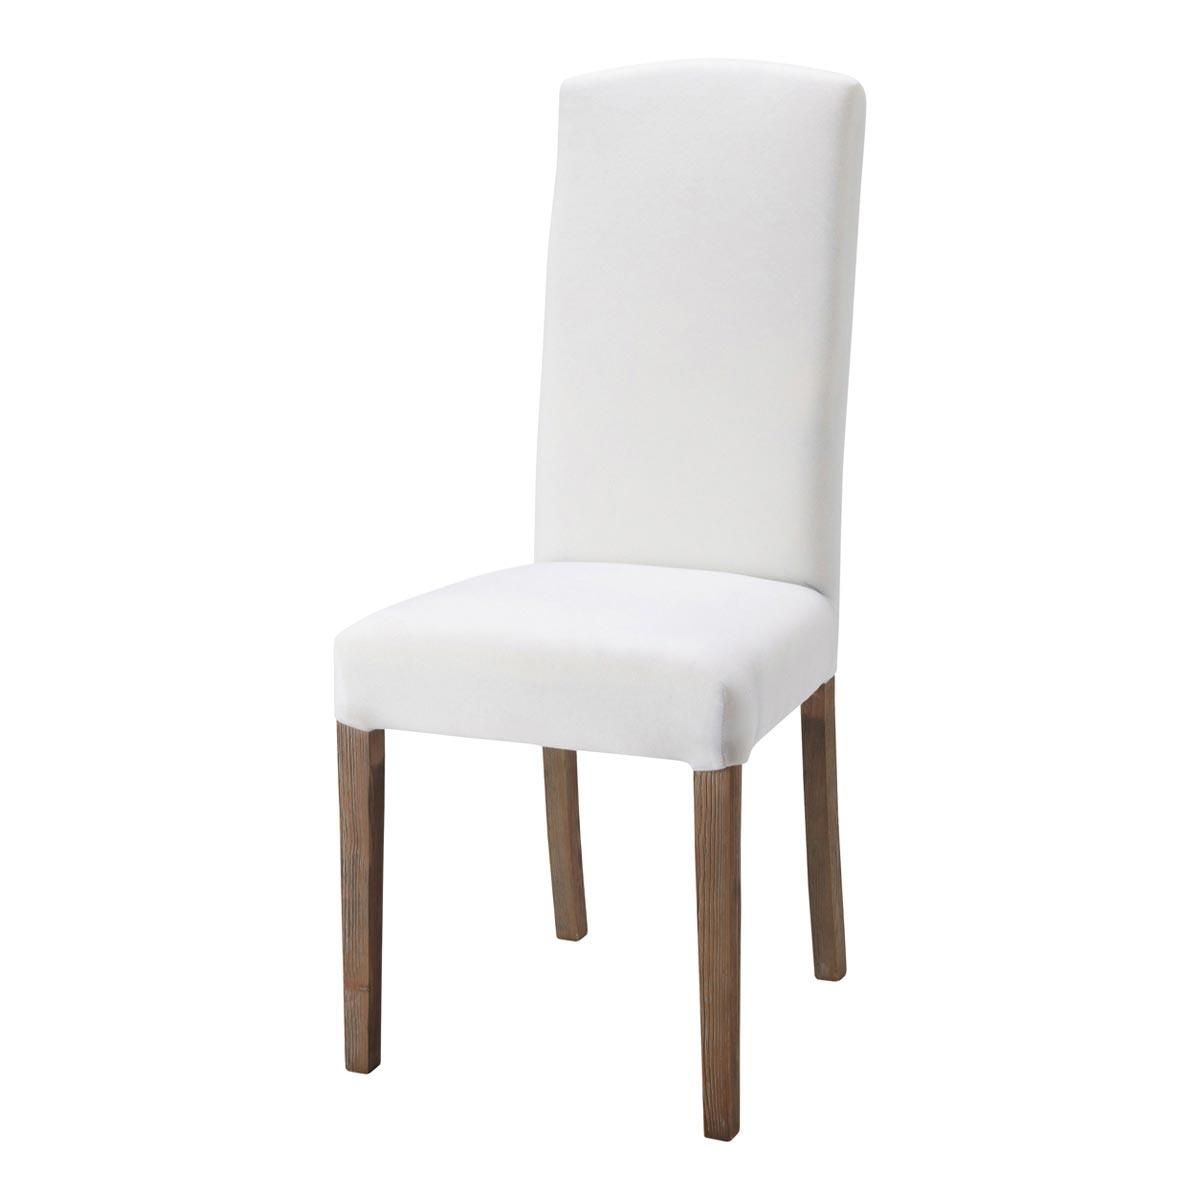 Chaise prix le monde de l a for Prix chaise bois